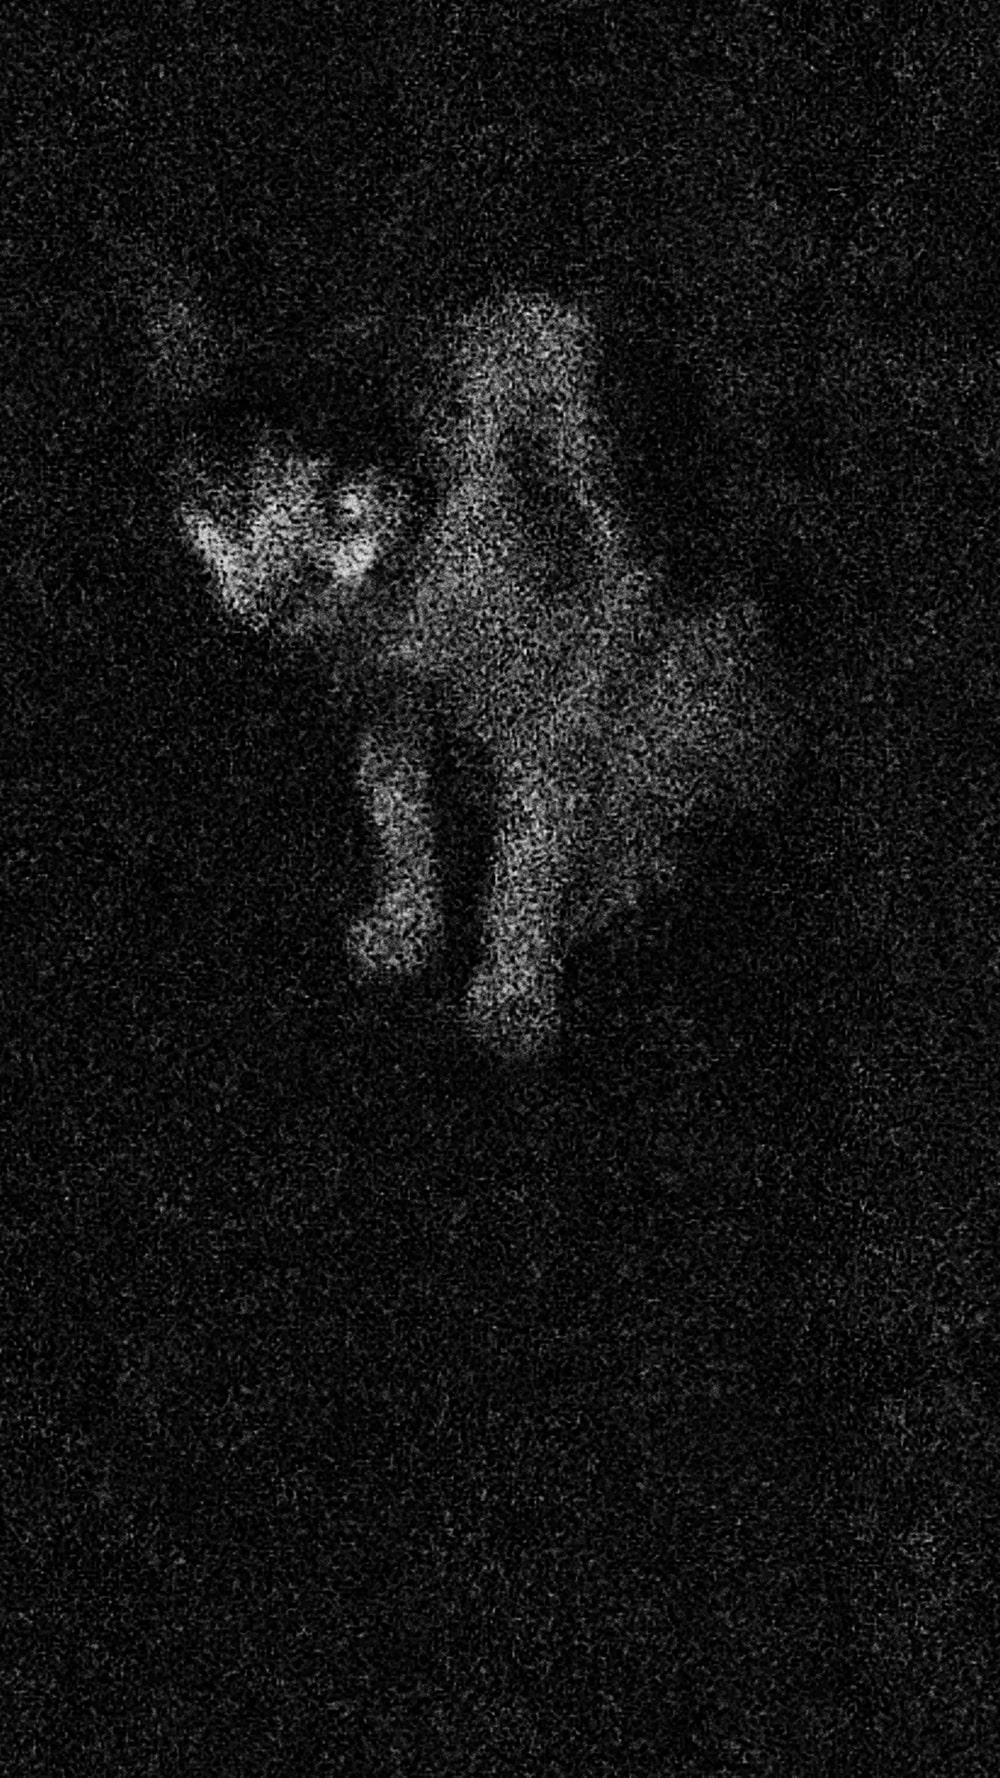 বাবার কিনে দেওয়া ক্যামেরায় ছোটবেলা থেকে ছবি তুললেও ২০১৬ থেকে ছবি তোলার কাজে বেশি করে মন বসিয়েছেন মালদহের এই মেয়ে। কলকাতার নামকরা গ্যালারিতে ছবি দেখতে যাওয়া, গুণী শিল্পীদের কাজ ছাপ ফেলে যেত মনে।